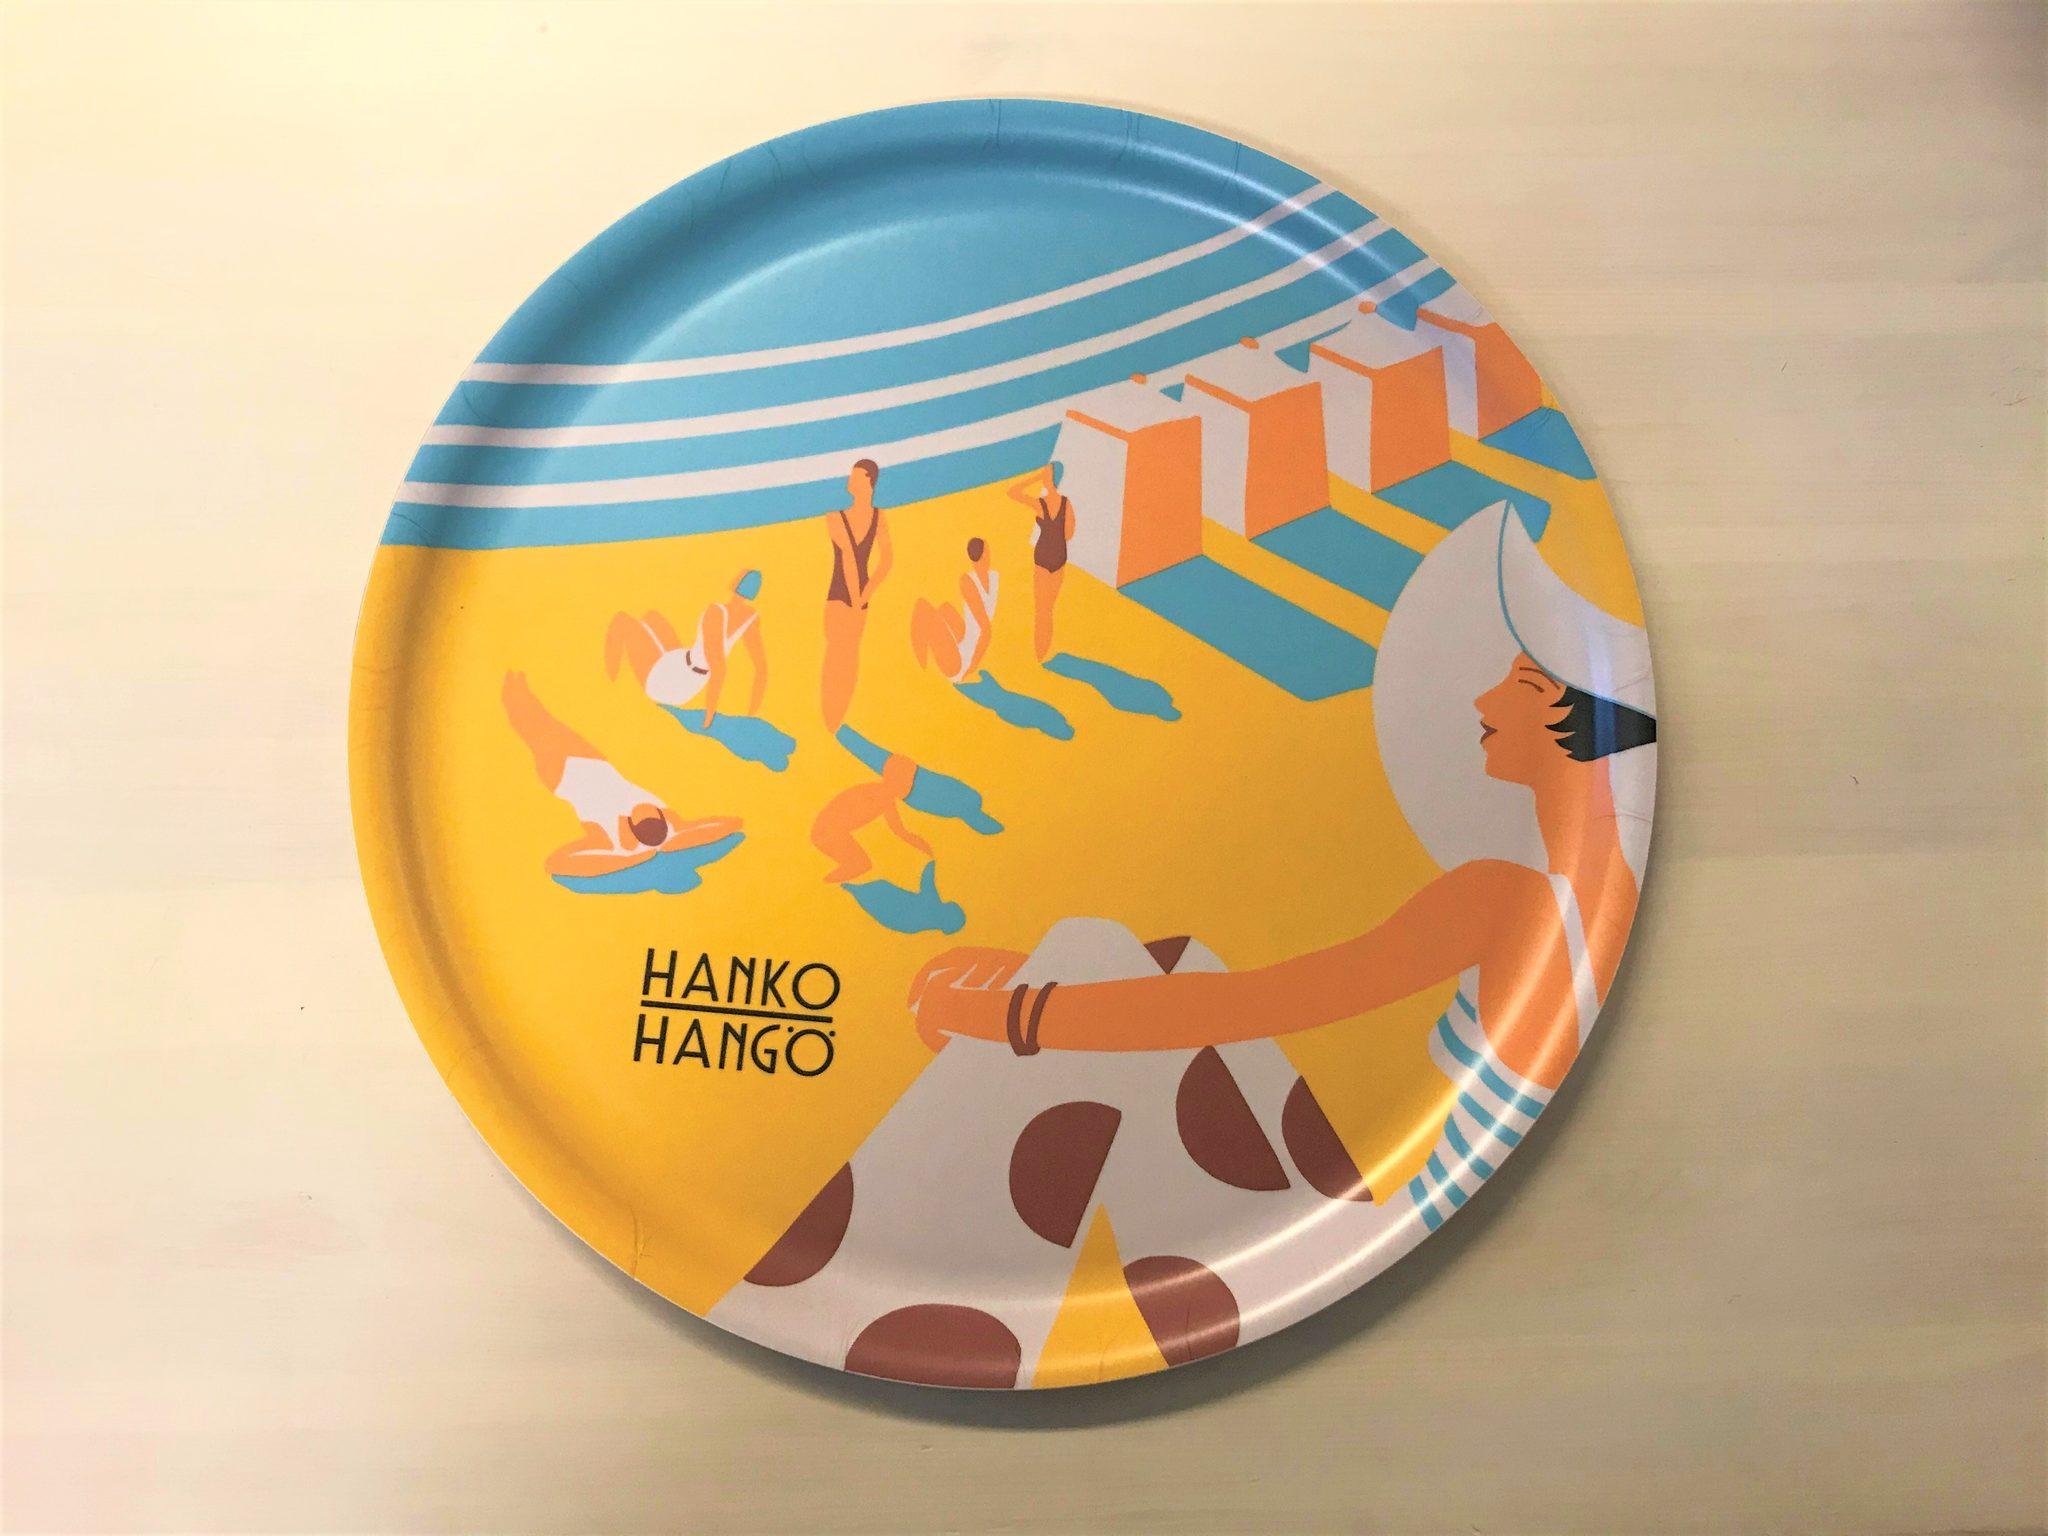 Come to Finland - Hanko tray